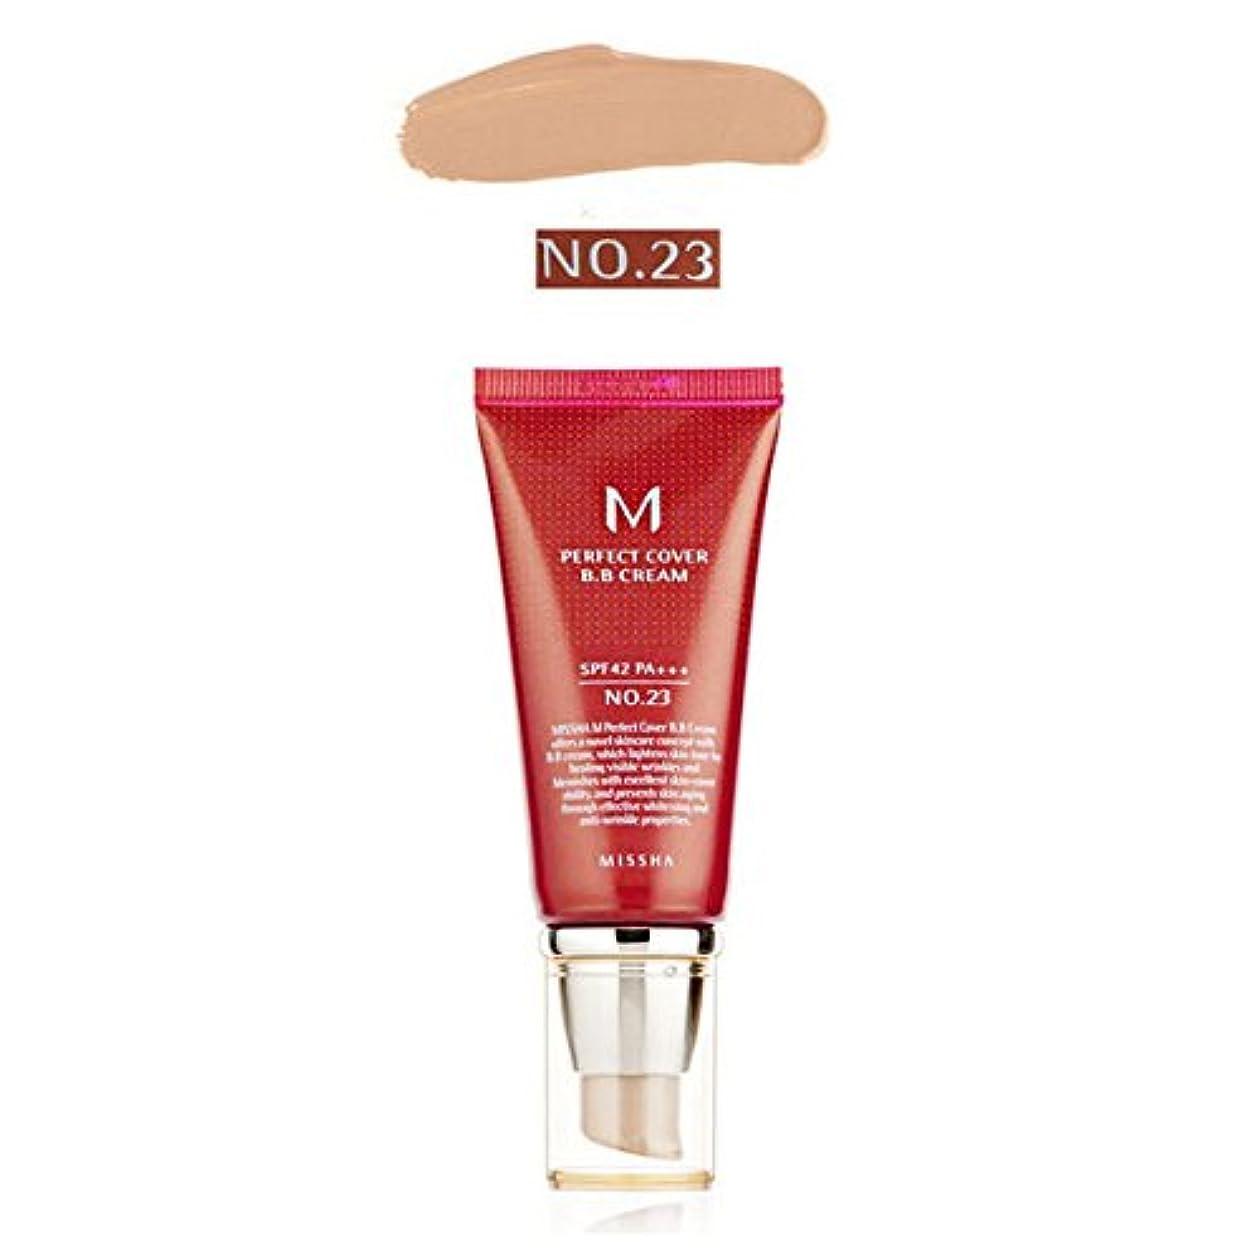 [ミシャ] MISSHA [M パーフェクト カバー BBクリーム 21号 / 23号50ml] (M Perfect Cover BB cream 21号 / 23号 50ml) SPF42 PA+++ (Type2...